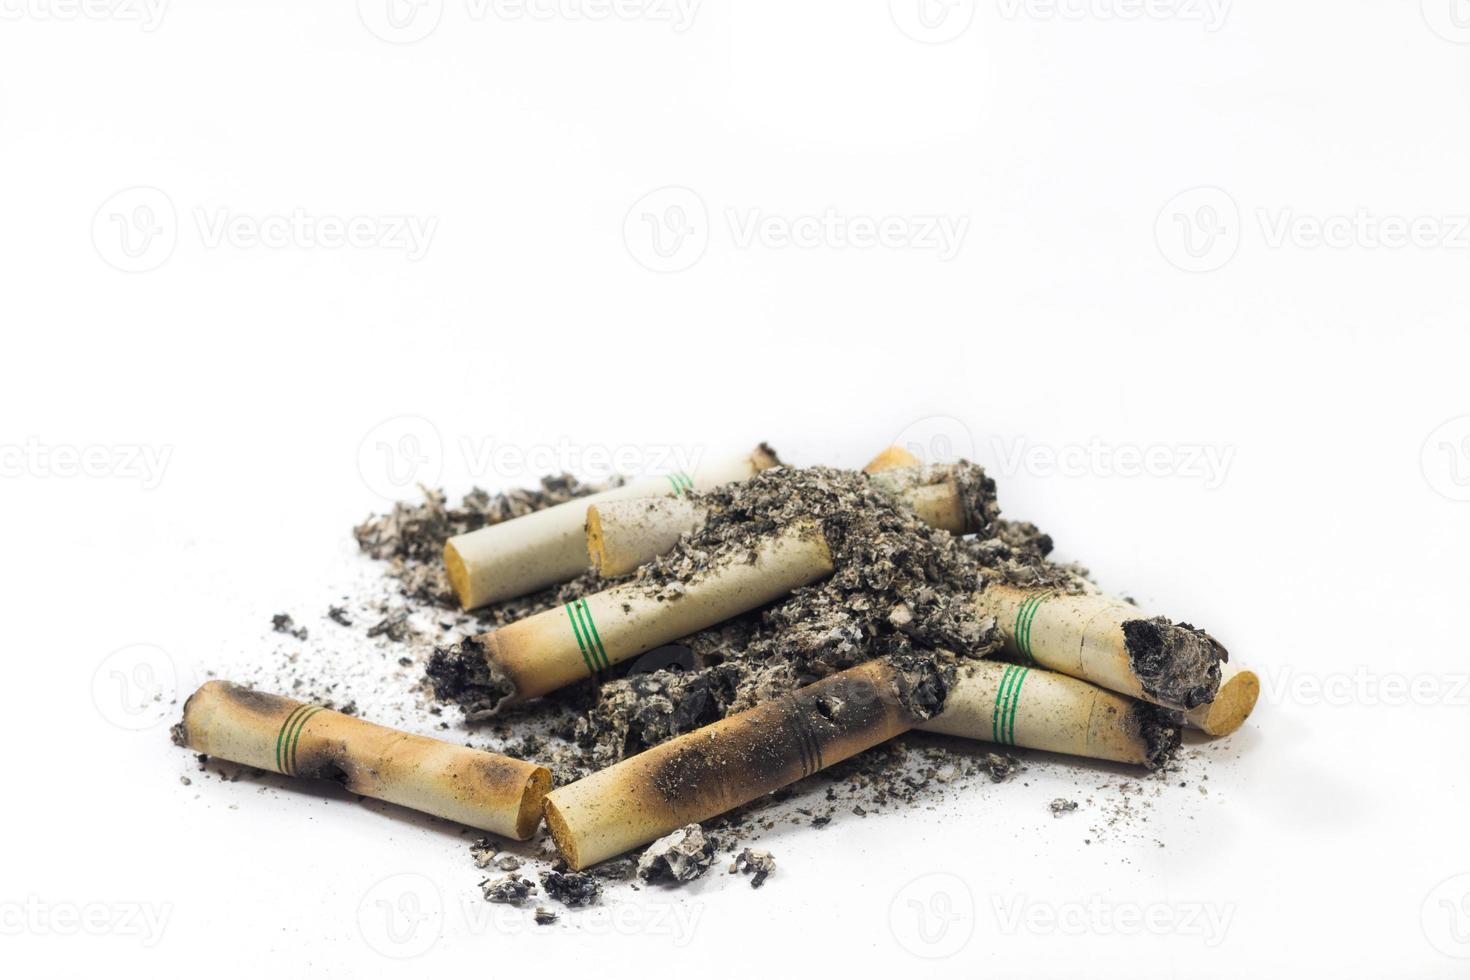 sigaretta isolata su uno sfondo bianco con tracciato di ritaglio foto